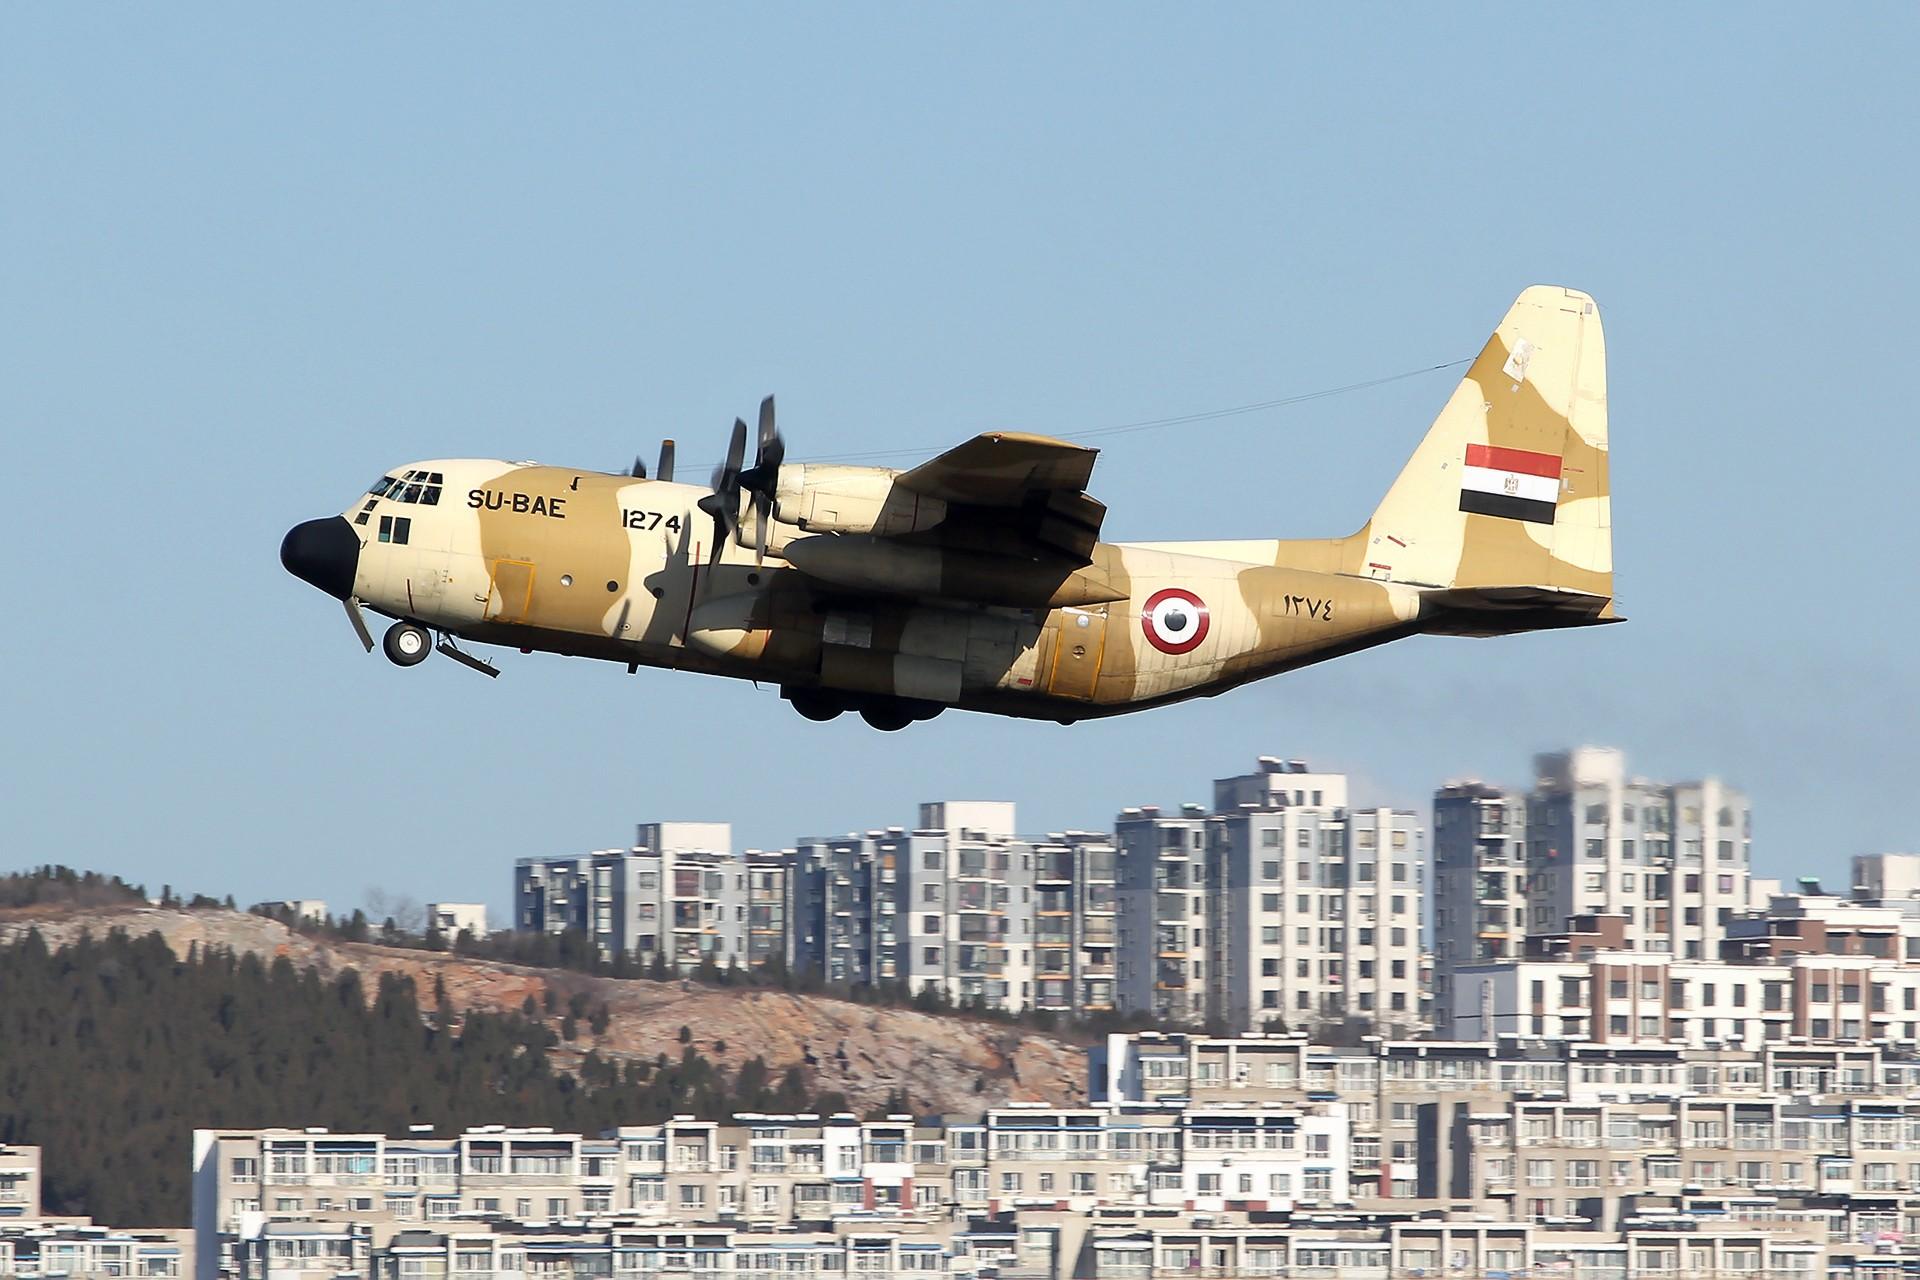 [原创][DLC]。。。埃及空军C130。。。 LOCKHEED C-130H HERCULES (L-382) 1274/SU-BAE 中国大连国际机场